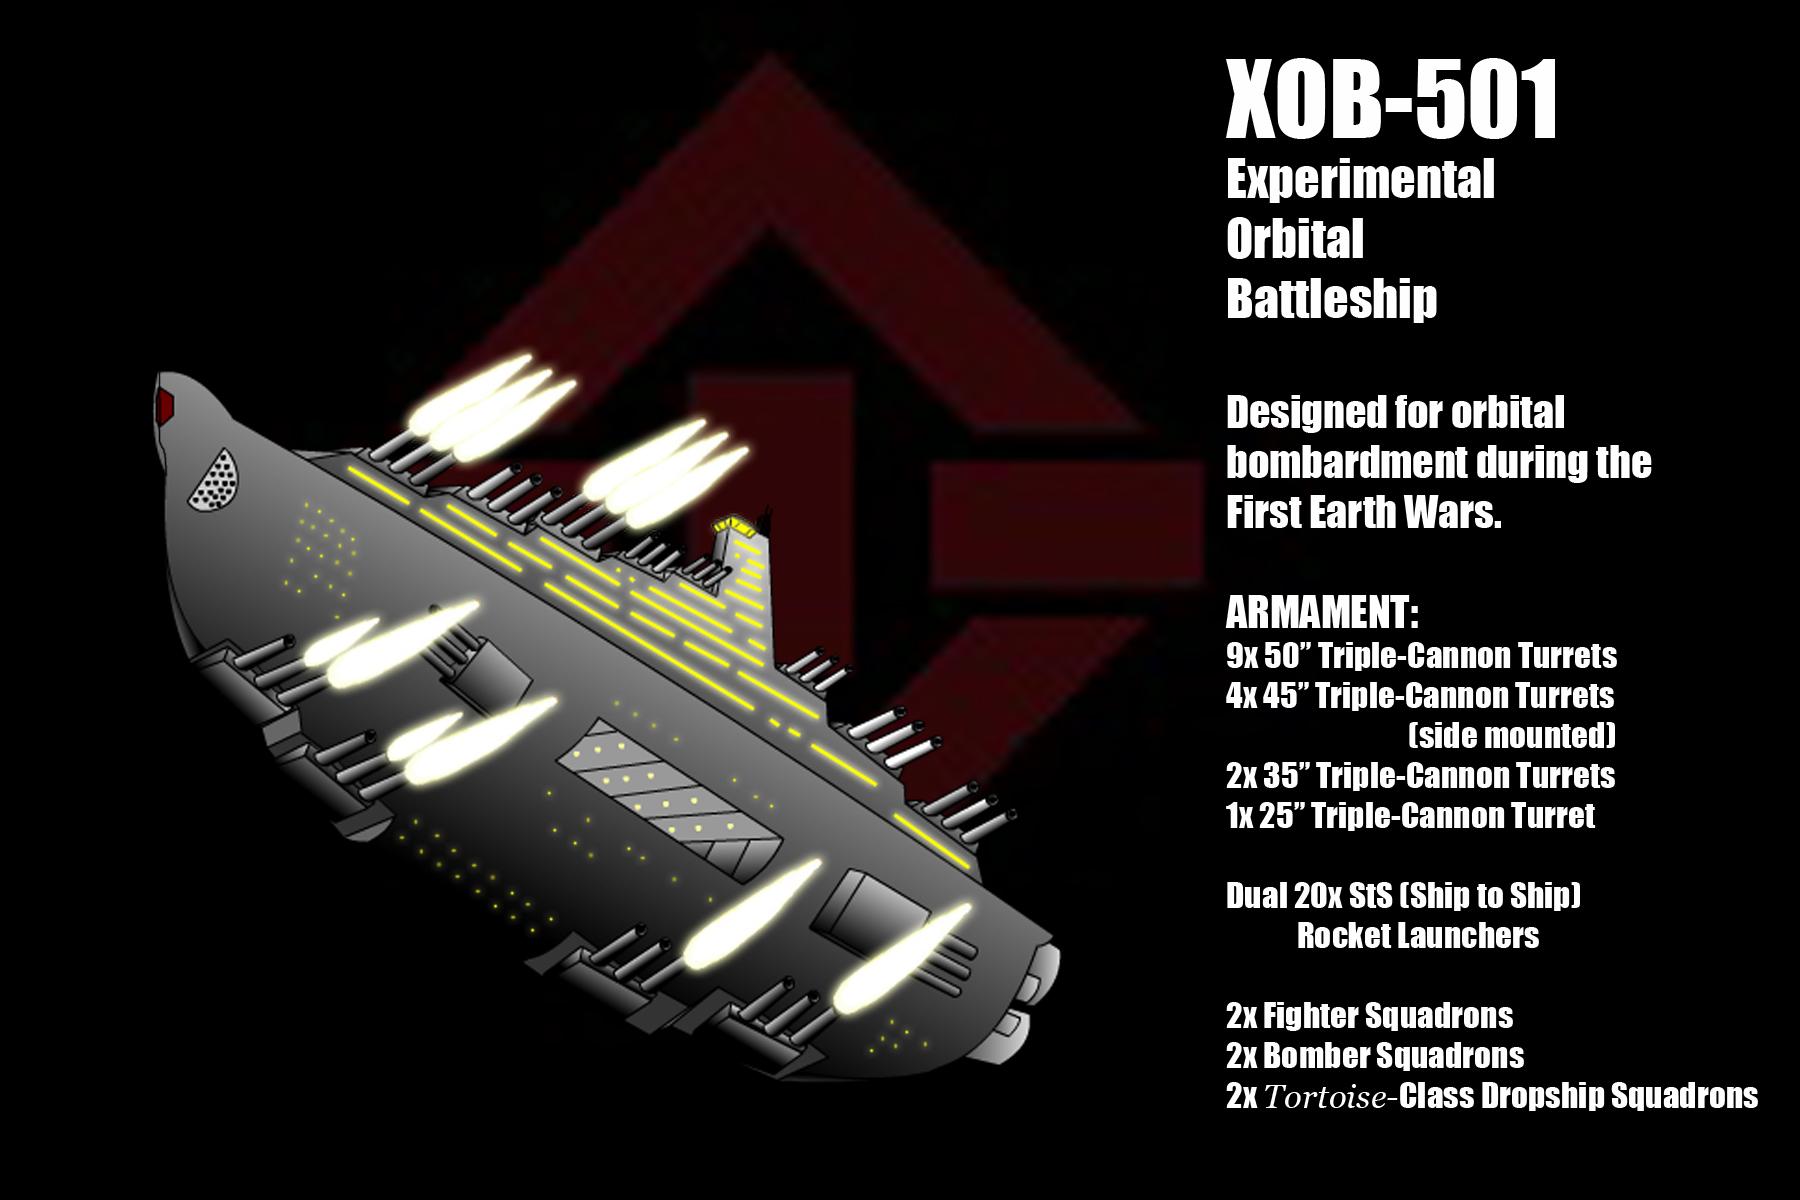 XOB-501 Orbital Battleship